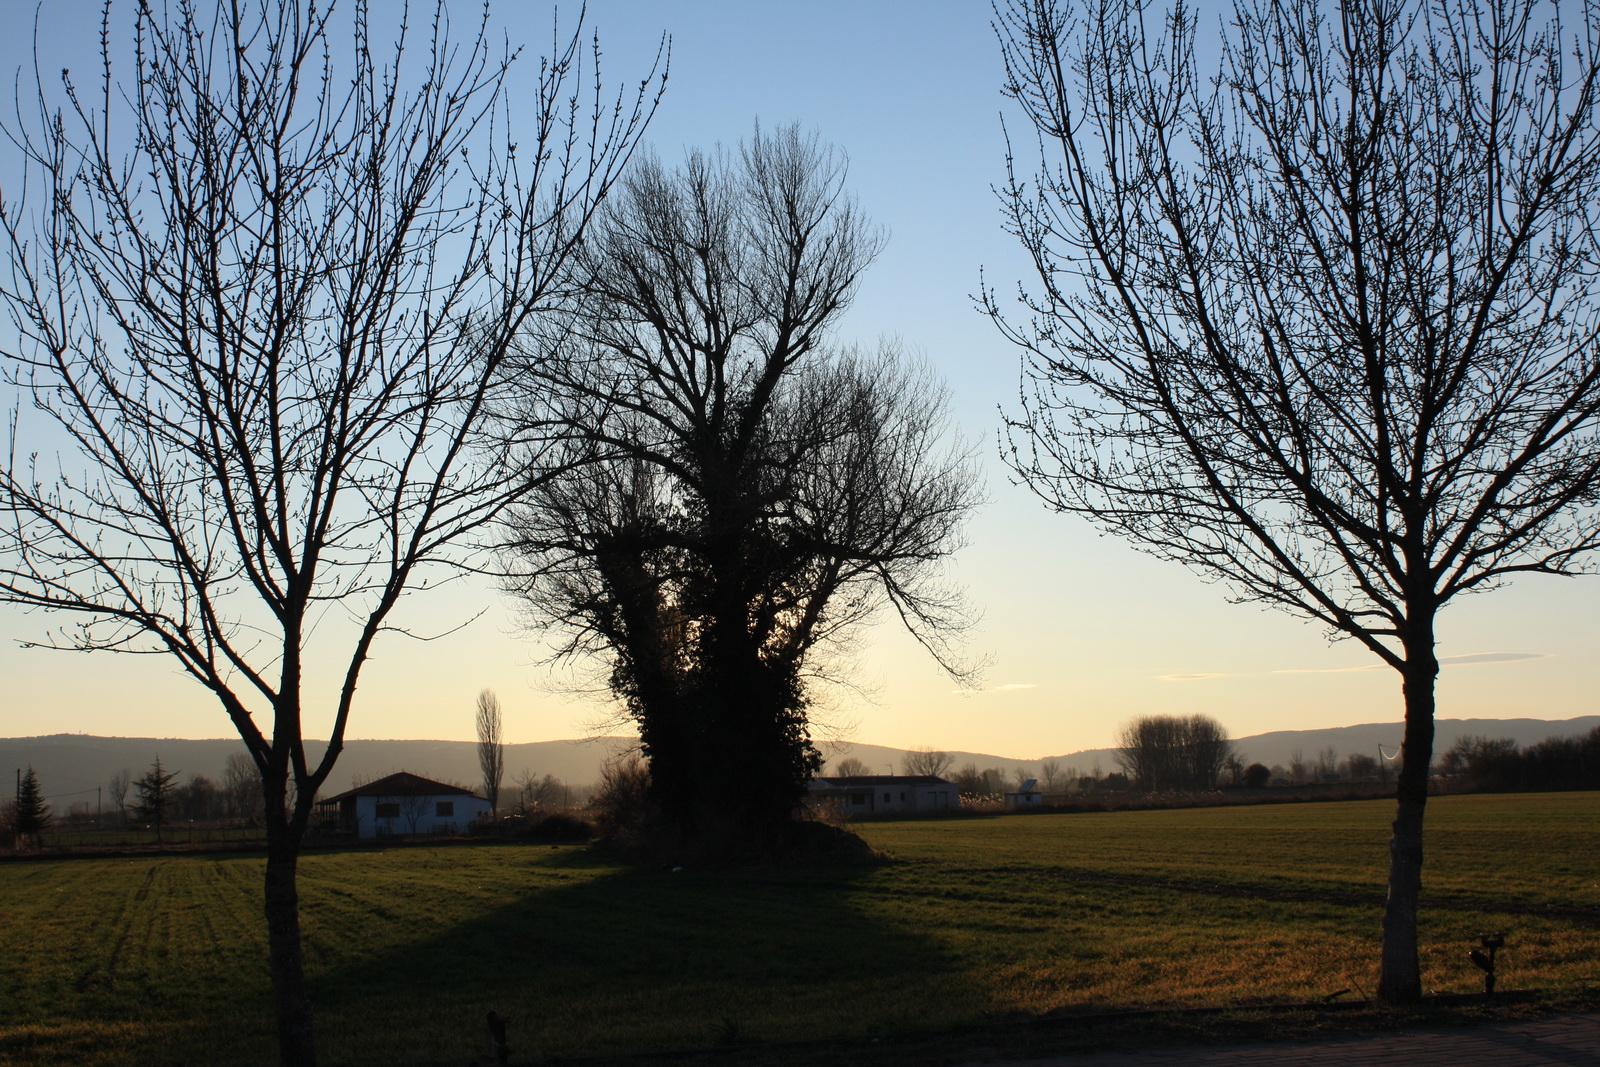 γυμνά δένδρα